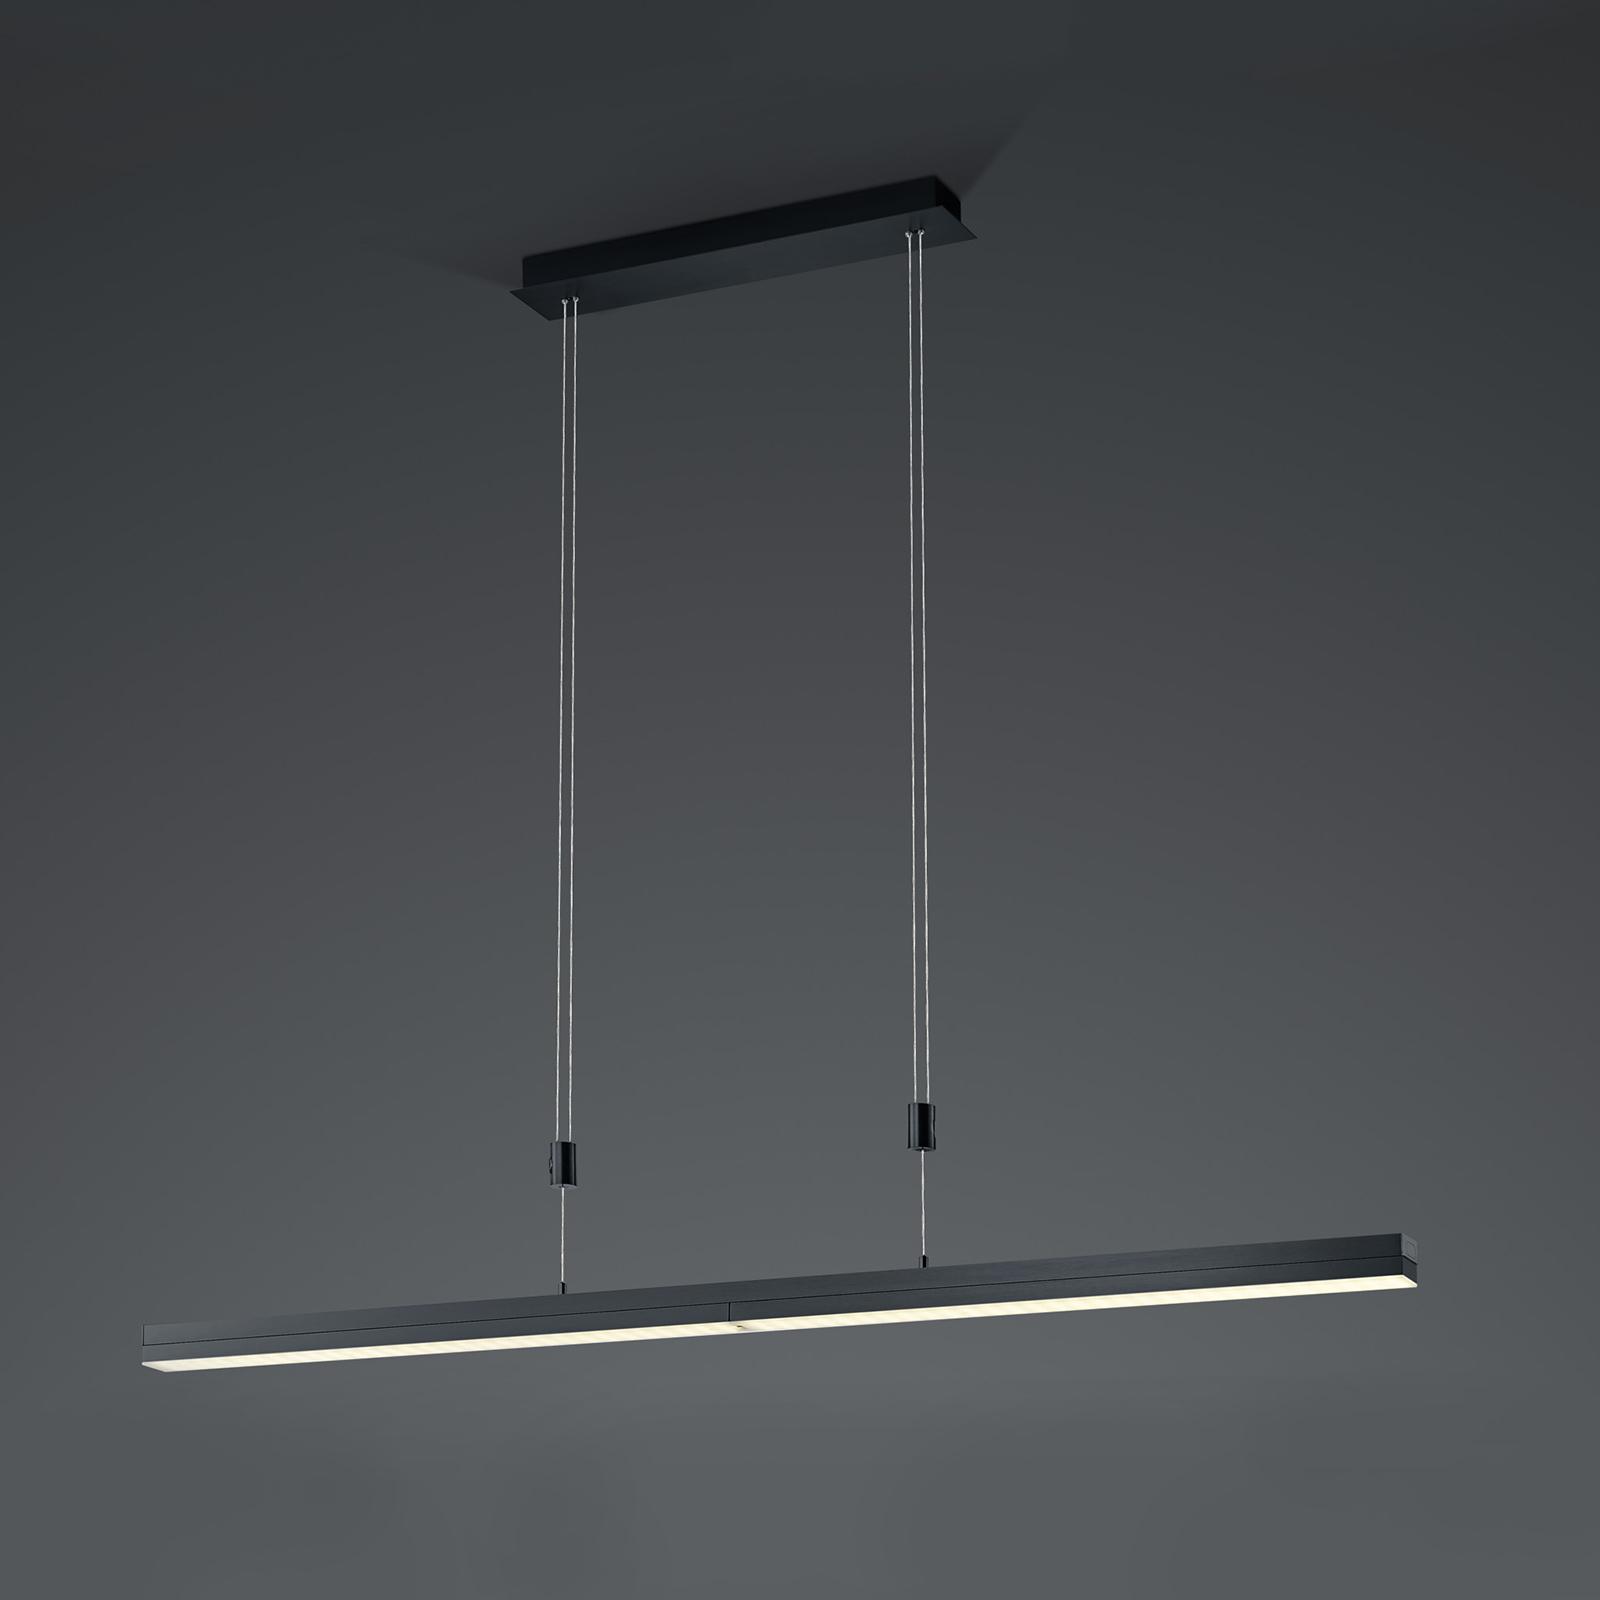 B-Leuchten Expanda-X LED závěsné světlo, antracit